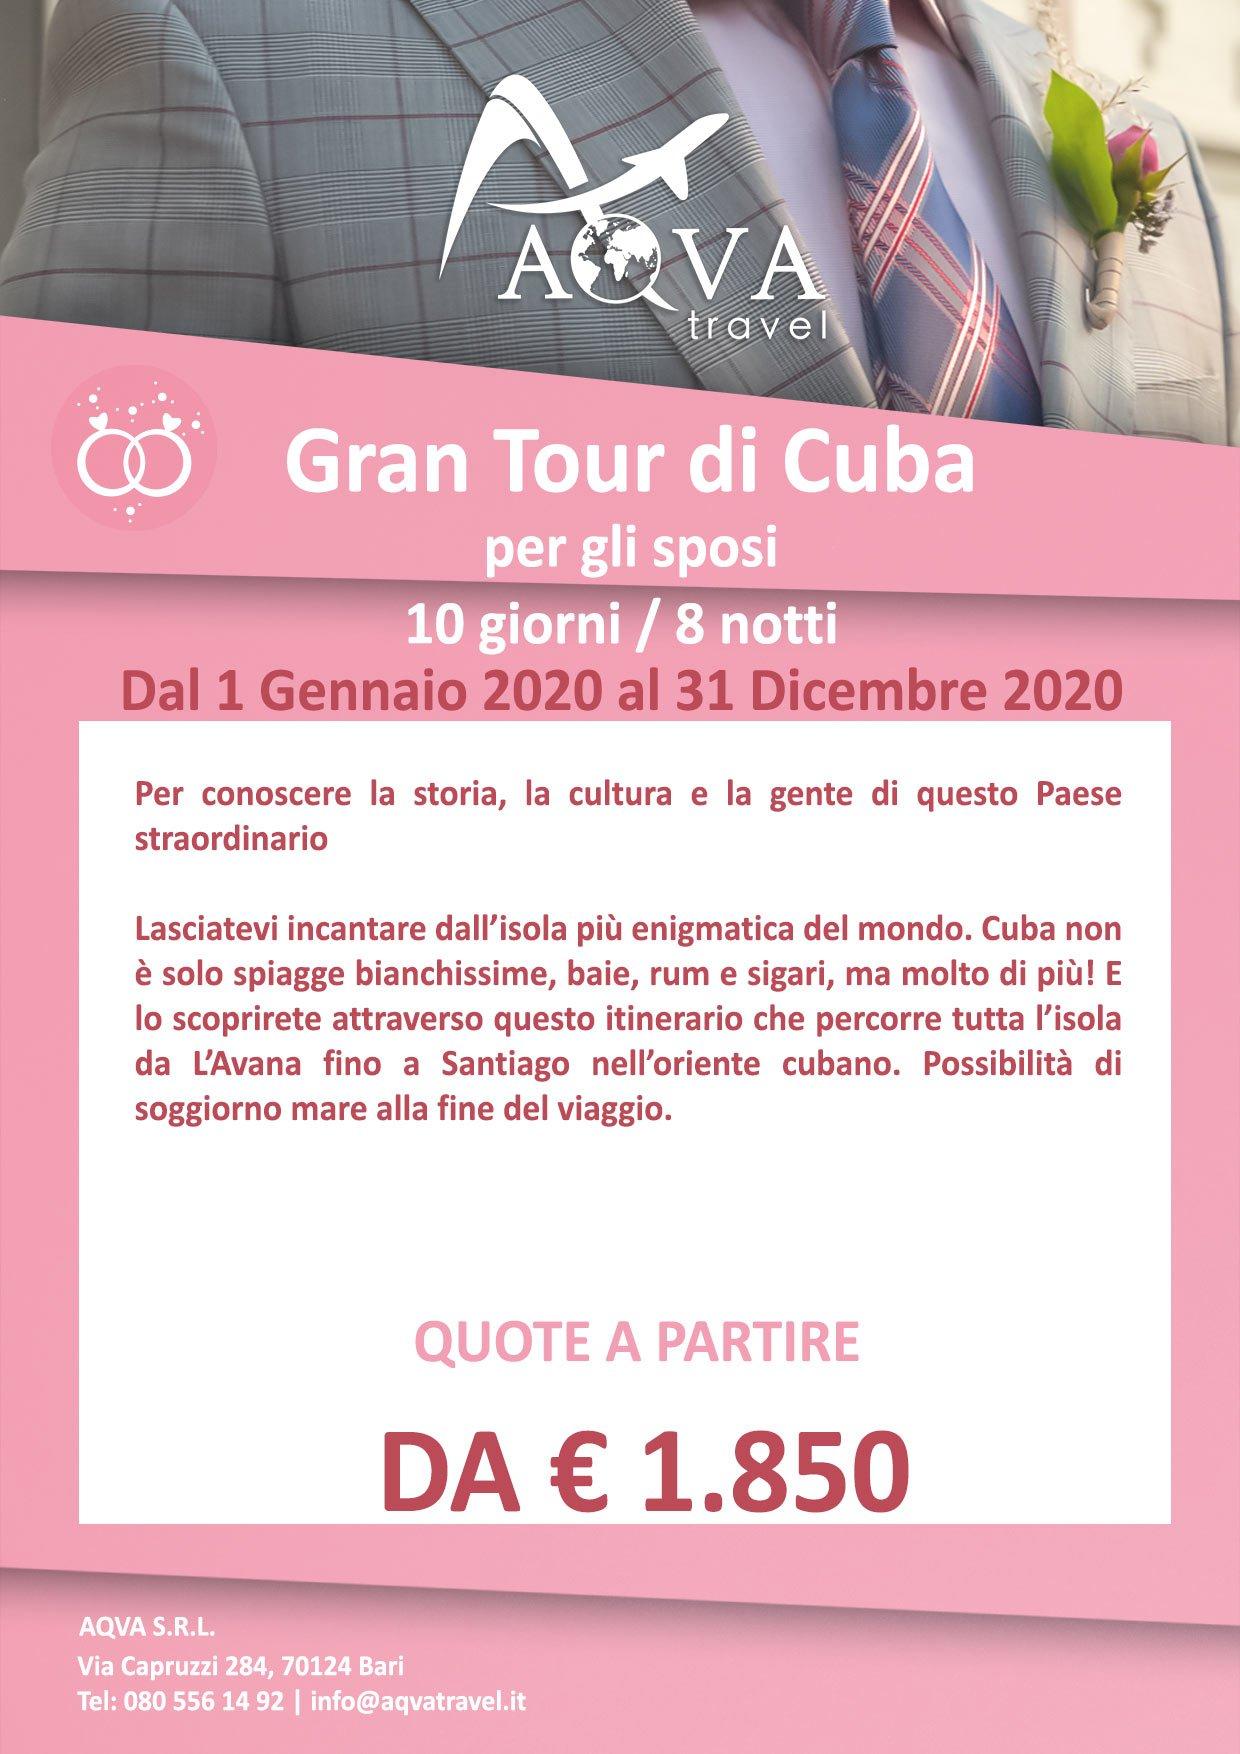 Gran-Tour-di-Cuba-per-gli-sposi-10-giorni-8-notti-VIAGGI-Honeymoon-offerte-agenzia-di-viaggi-Bari-AQVATRAVEL-it